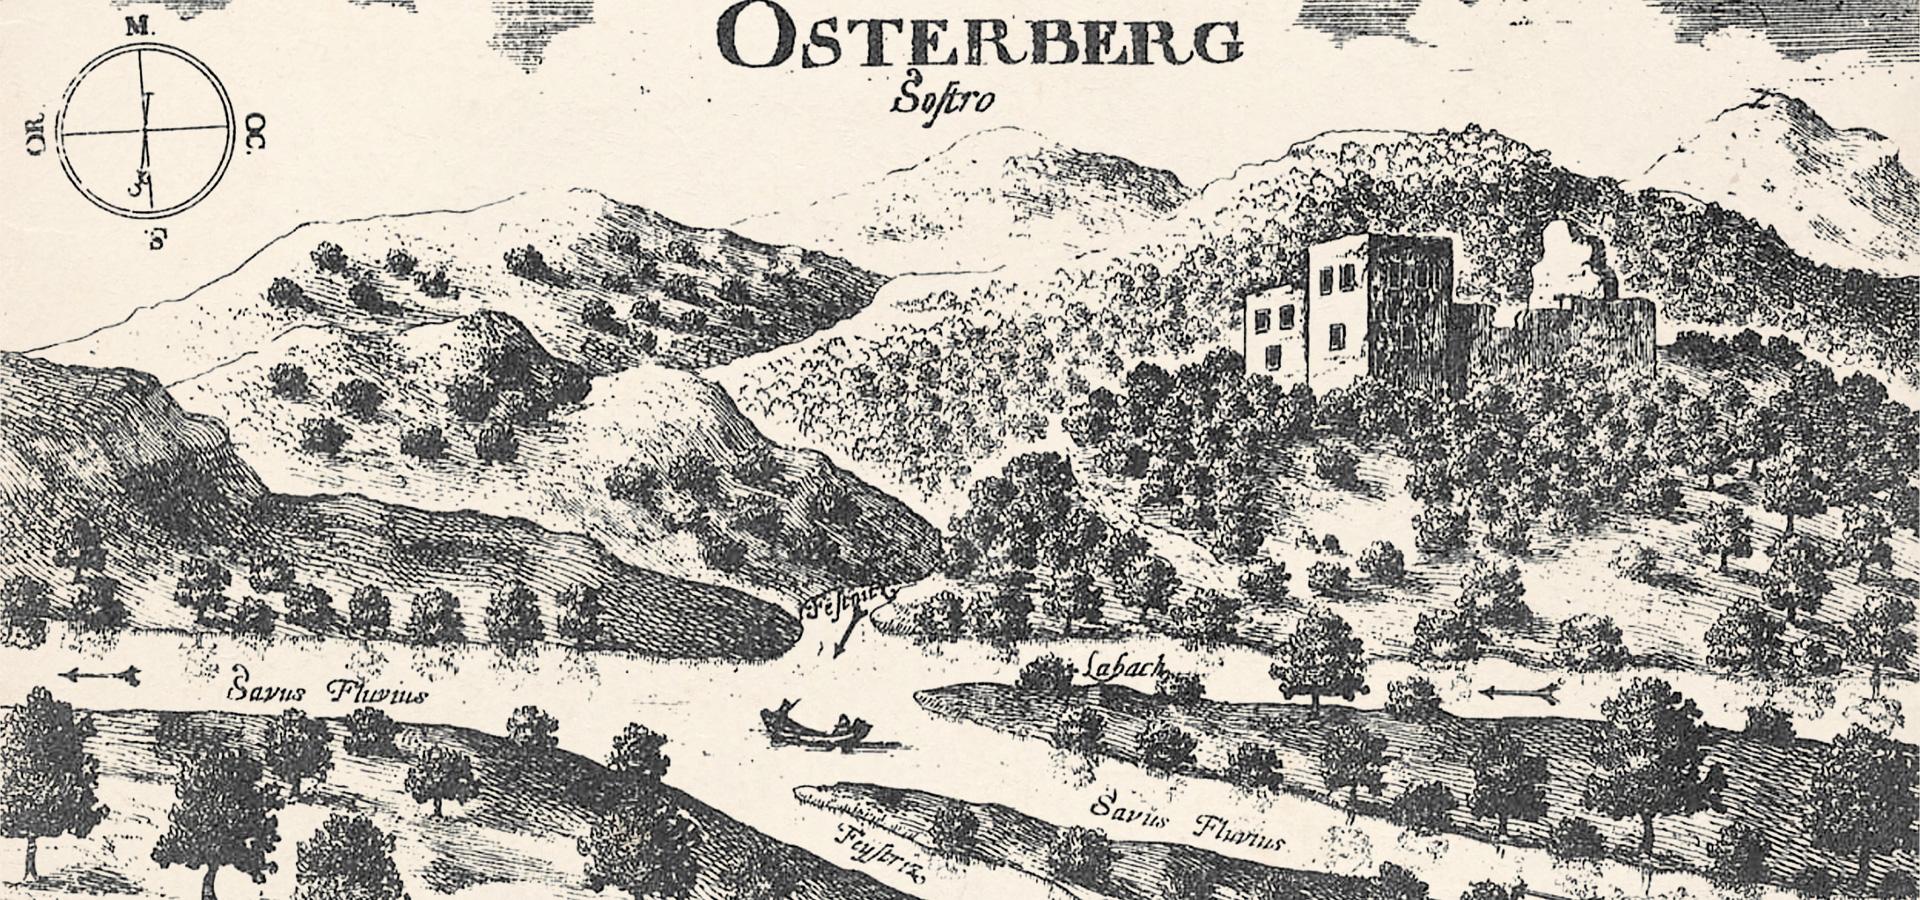 Bakrorez iz Valvasorjeve knjige, ki prikazuje opuščen grad Osterberg